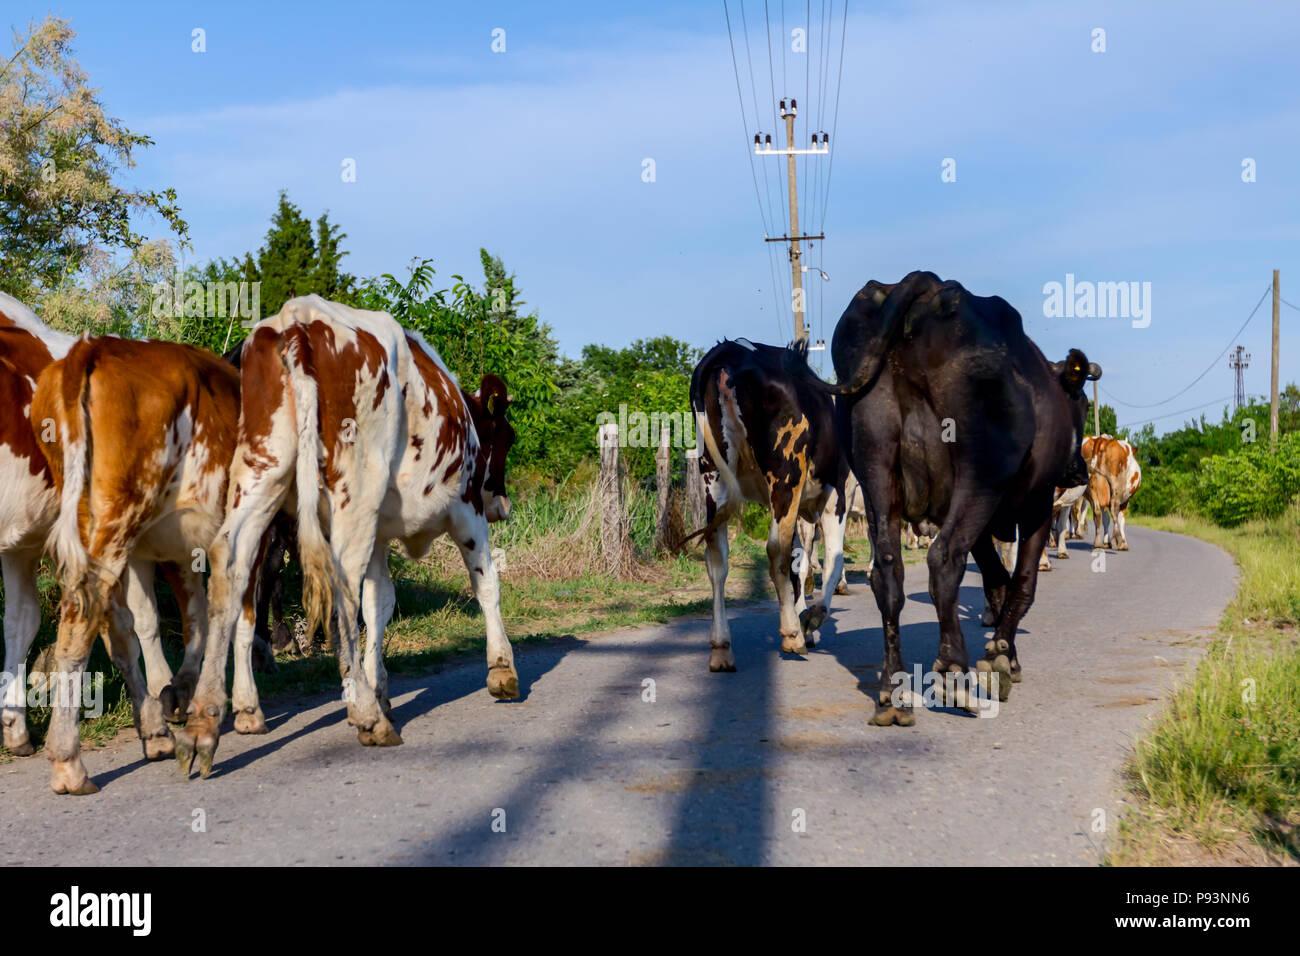 Due pastori sono alla guida di una mandria di bloodstock vacche domestiche home il fienile dopo pascoli su strada asfaltata nel villaggio. Immagini Stock